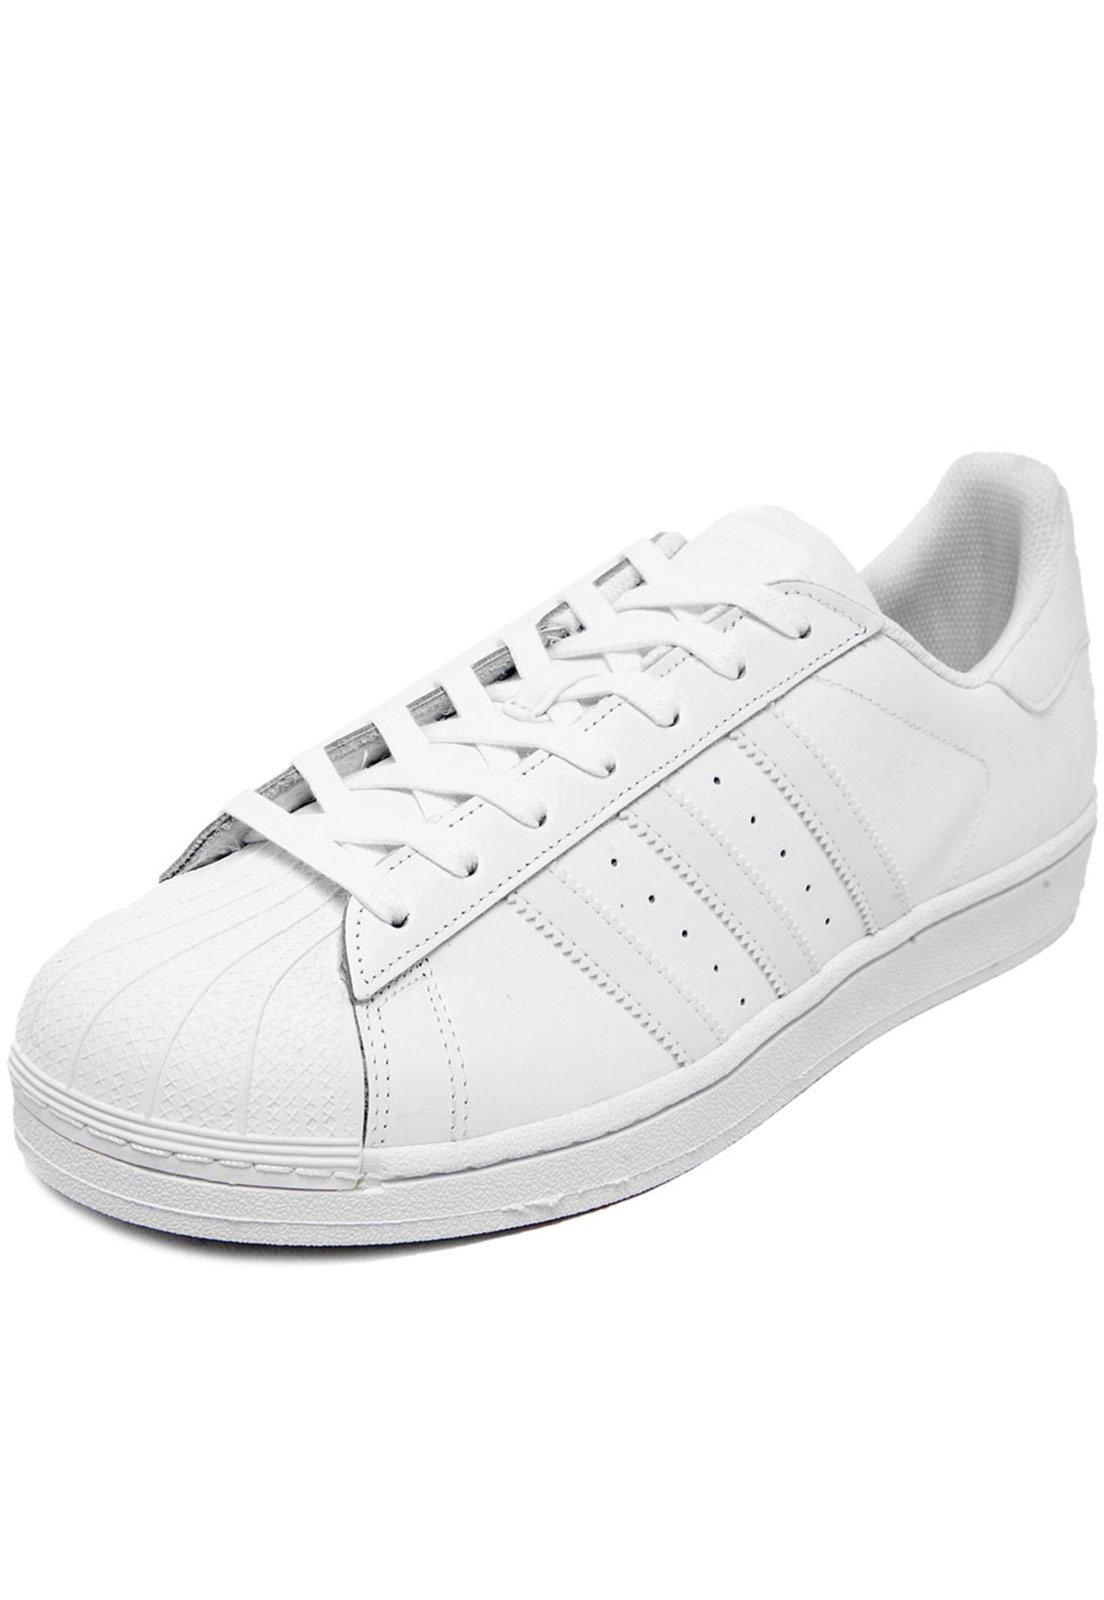 36a64694c0 Tênis adidas Originals Superstar Foundation Branco - Compre Agora | Kanui  Brasil